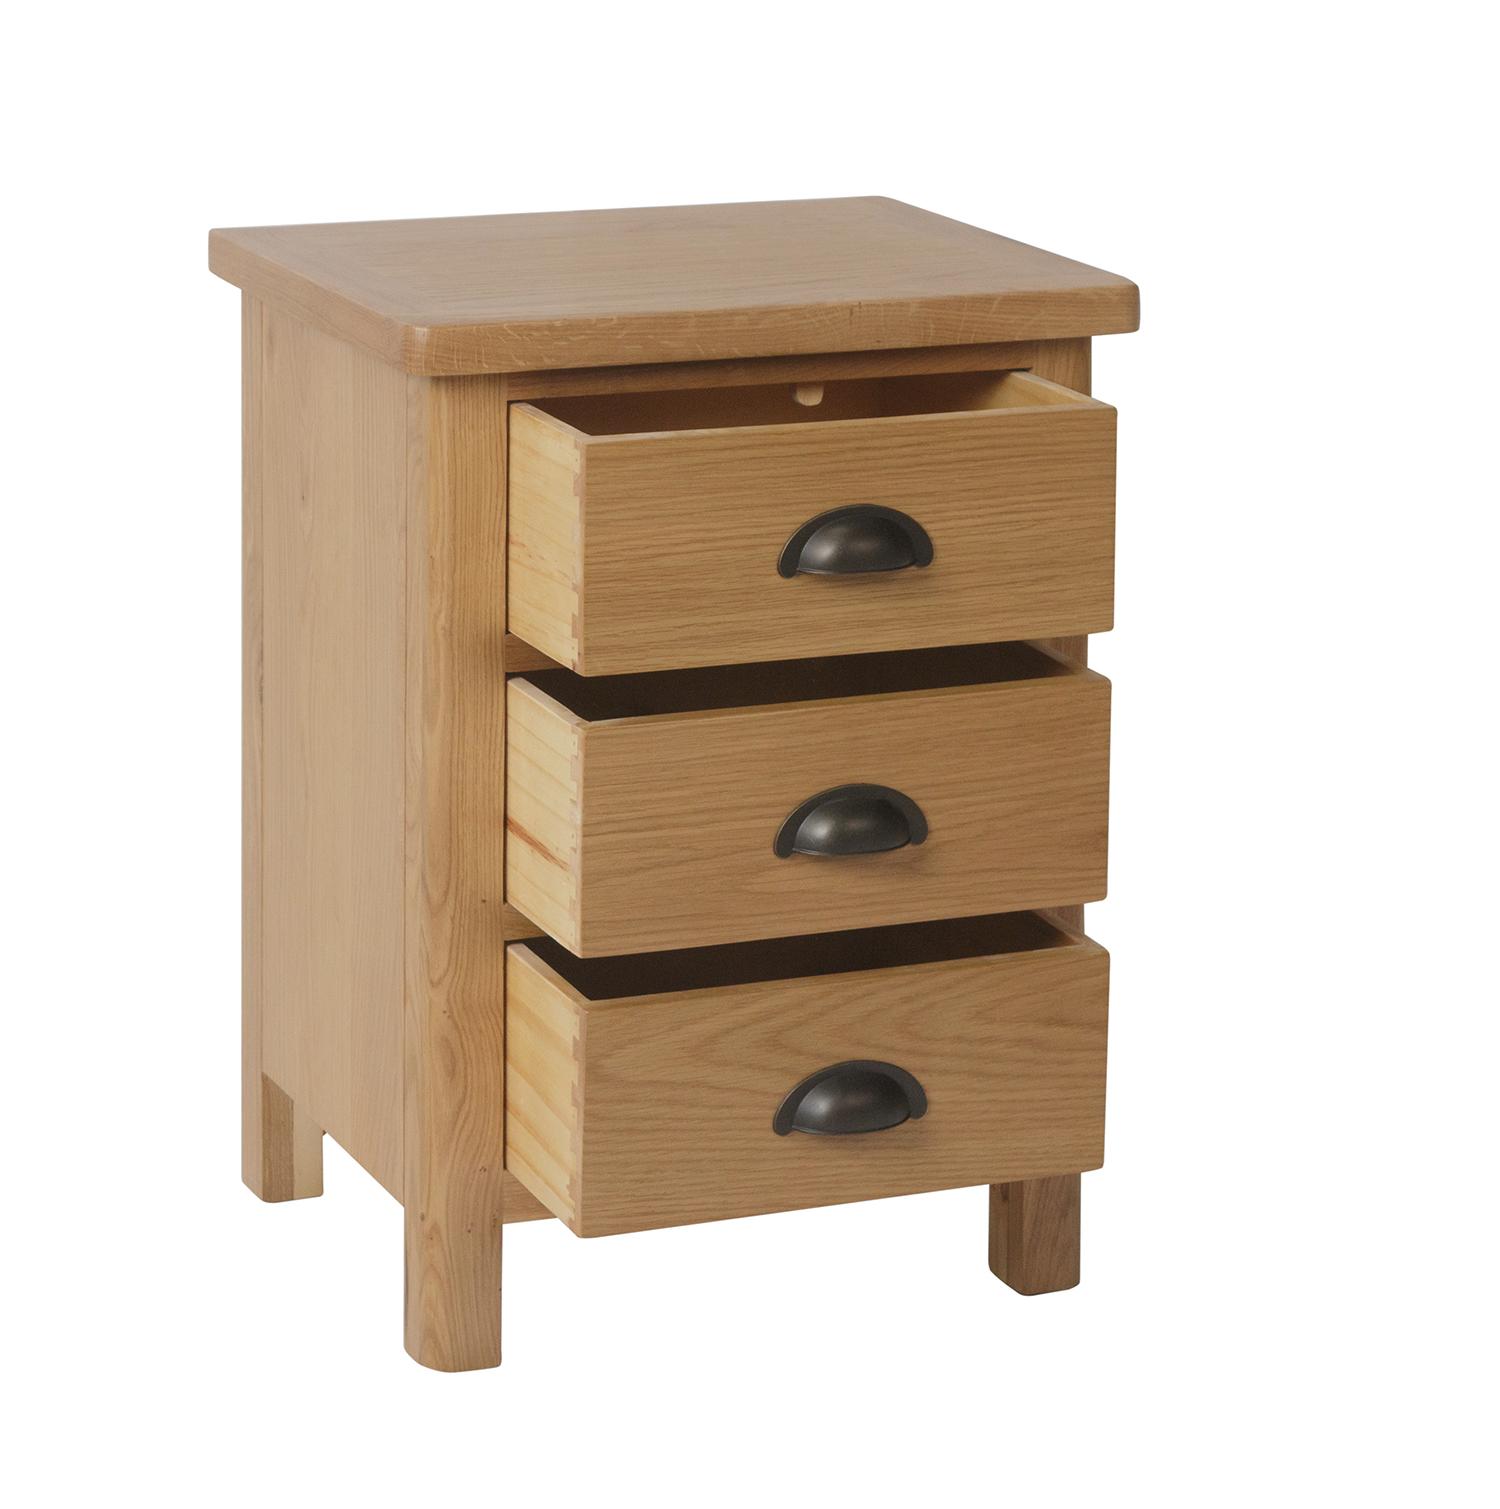 Chiltern Oak 3 Drawer Bedside